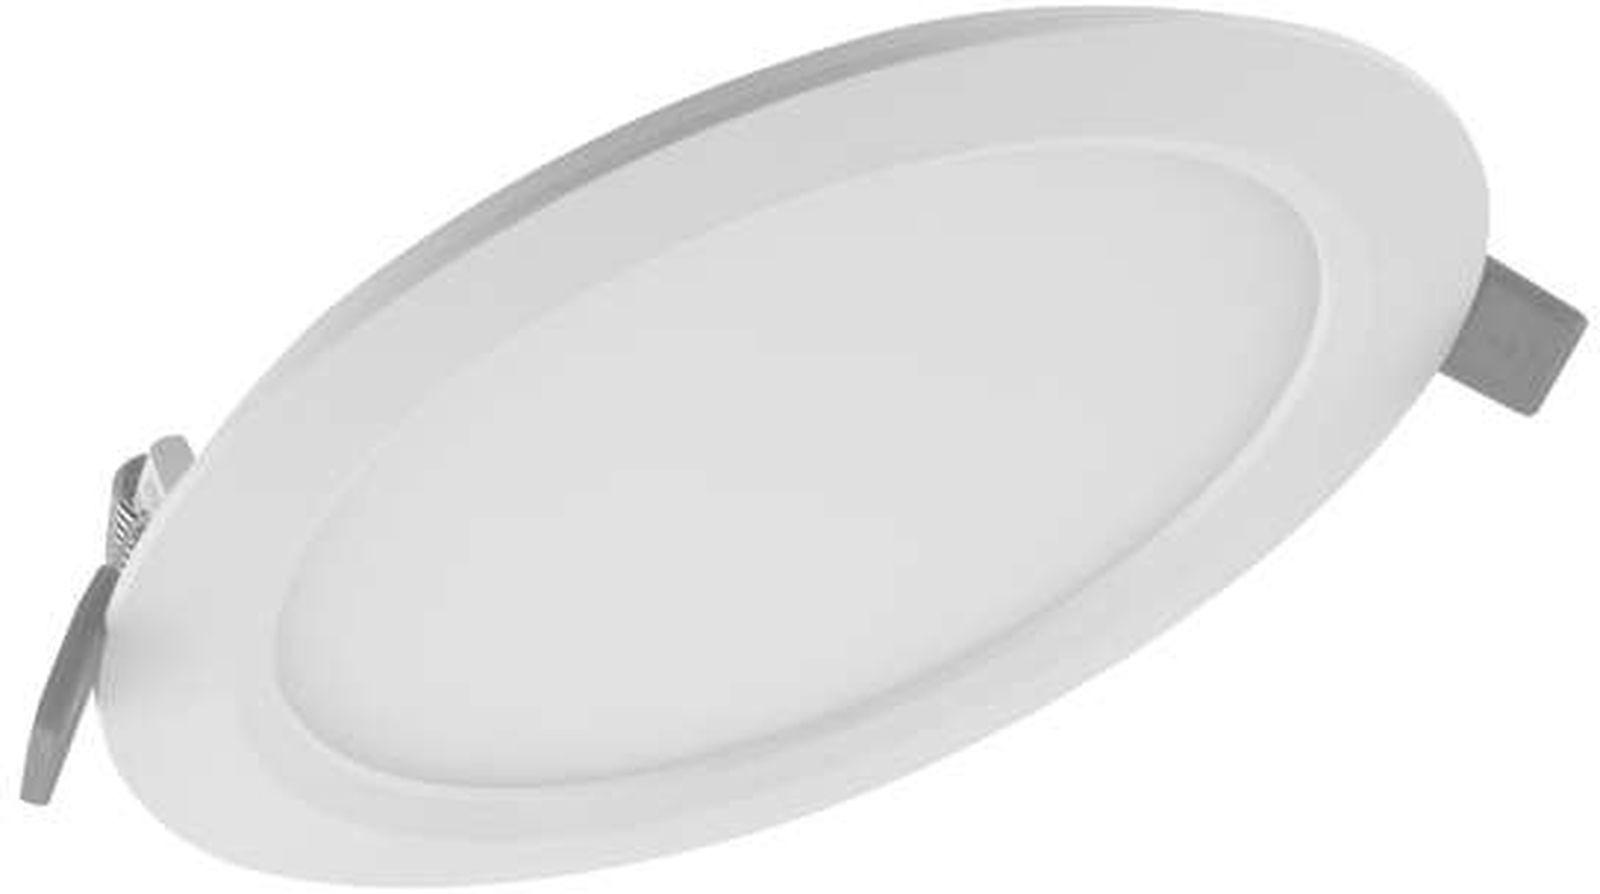 Встраиваемый светильник Ledvance Osram Downlight Slim DLR, 24 Вт, 1728 Лм, 3000 К, Без цоколя недорго, оригинальная цена